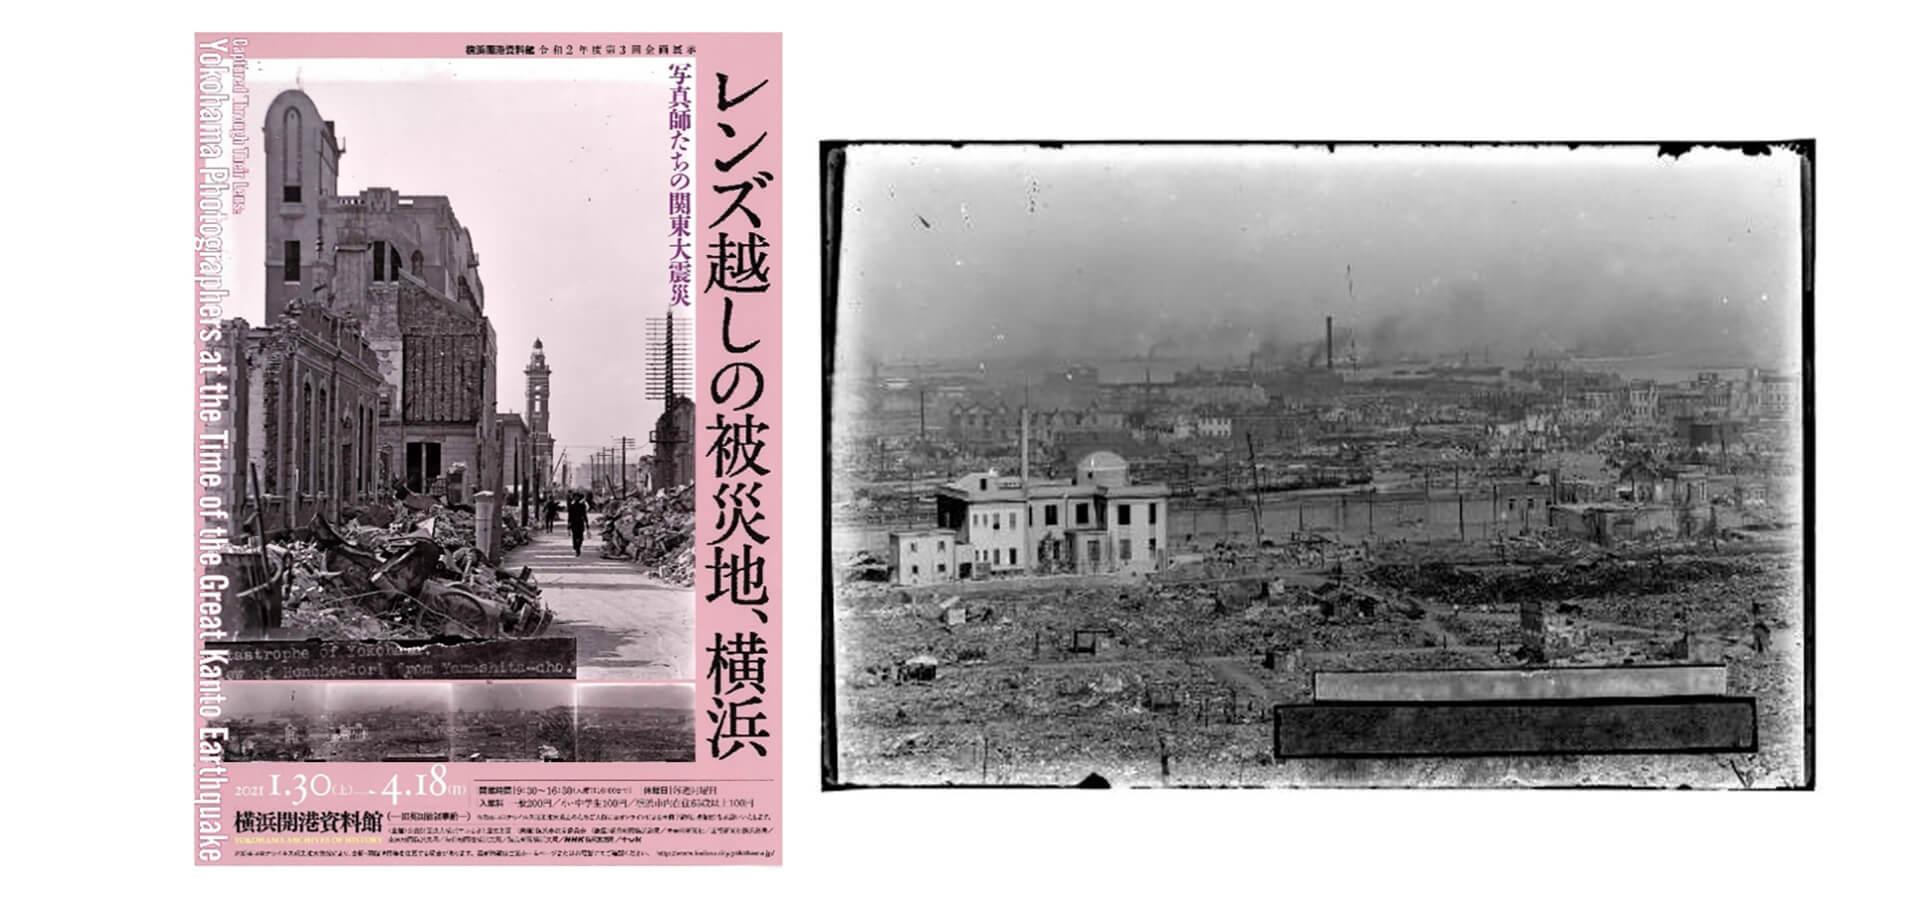 企画展示「レンズ越しの被災地、横浜 ―写真師たちの関東大震災―」